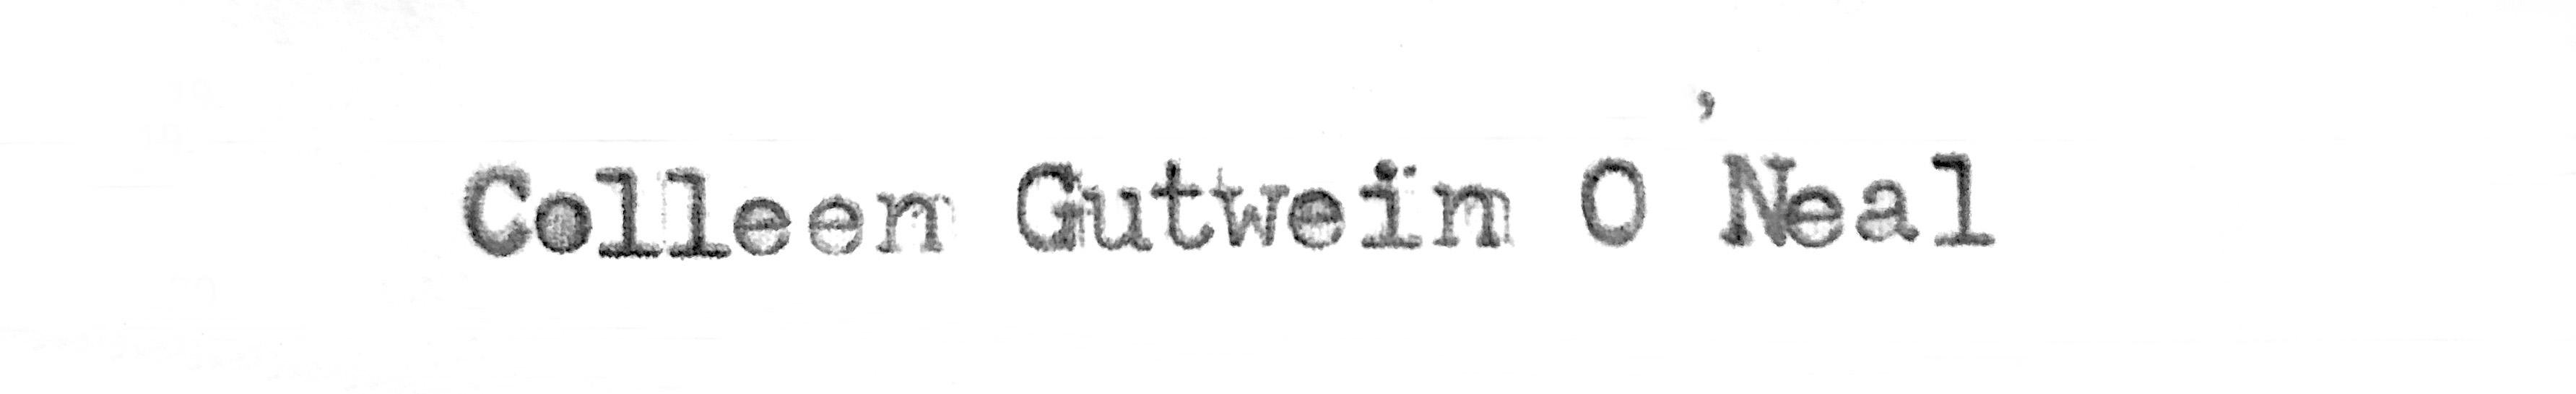 Colleen Gutwein